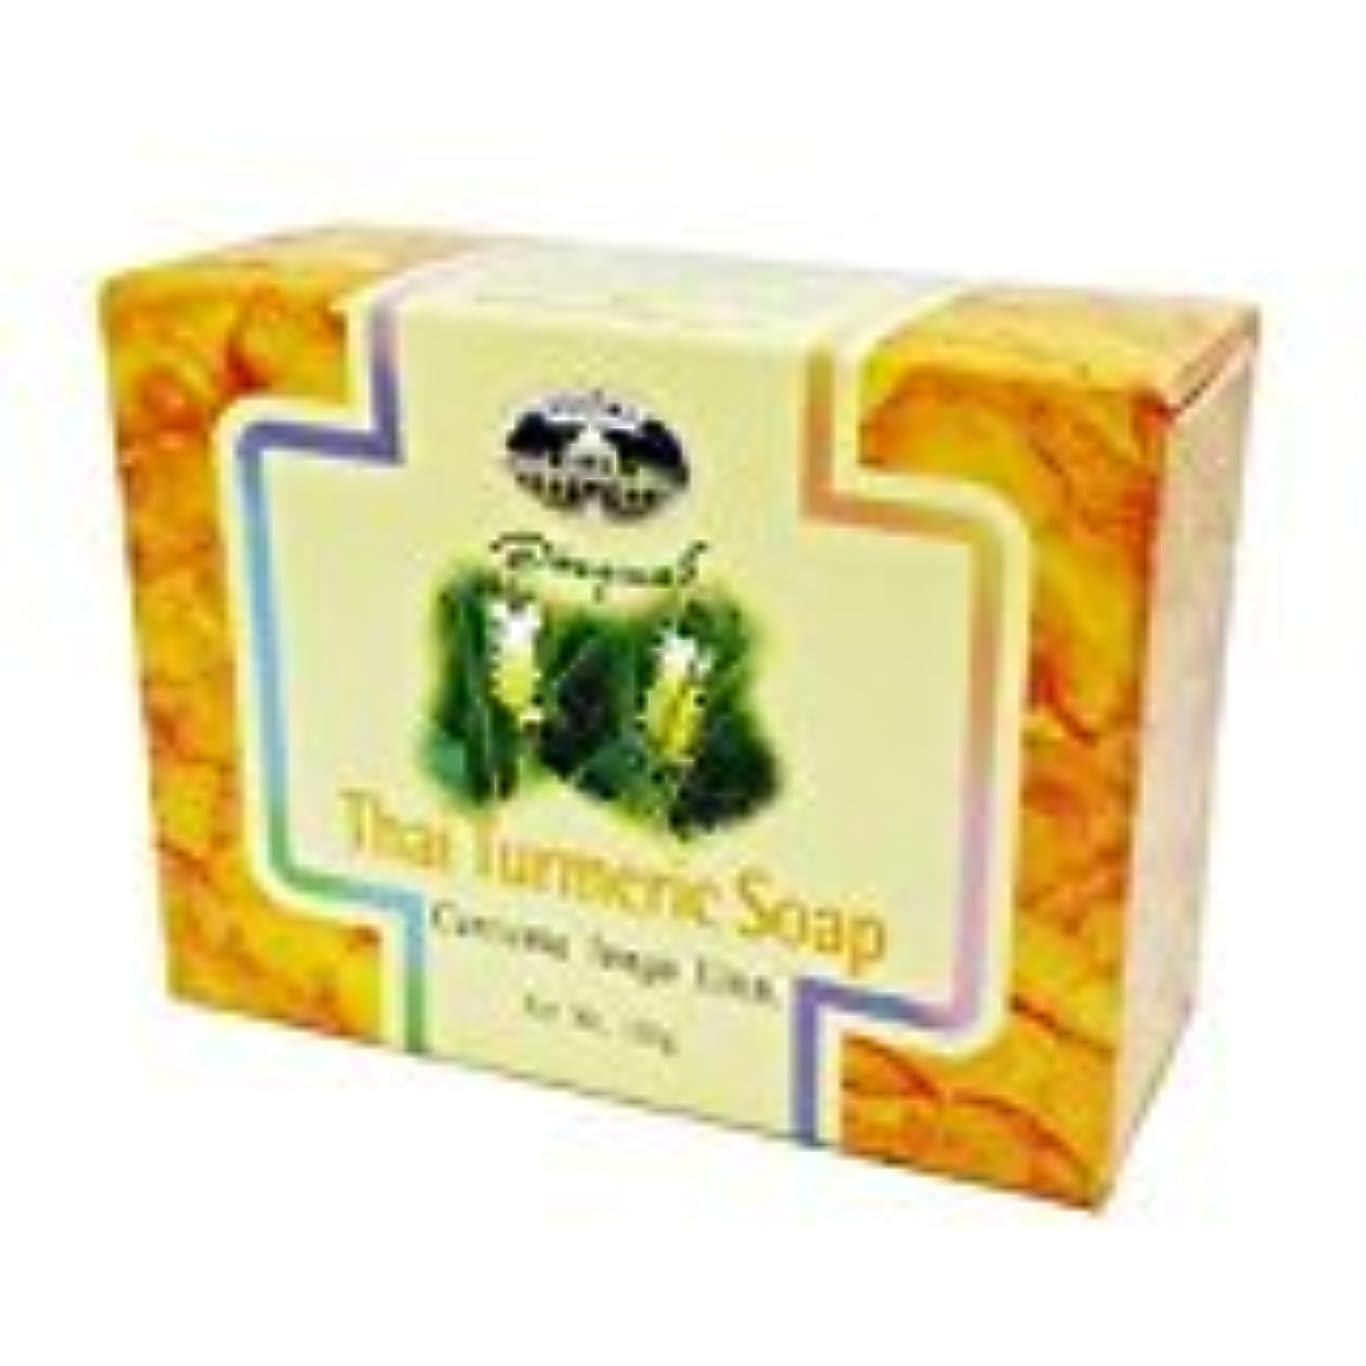 ハシー怪しい校長ウコン石けん abhaibhubejhr Turmeric soap 100g